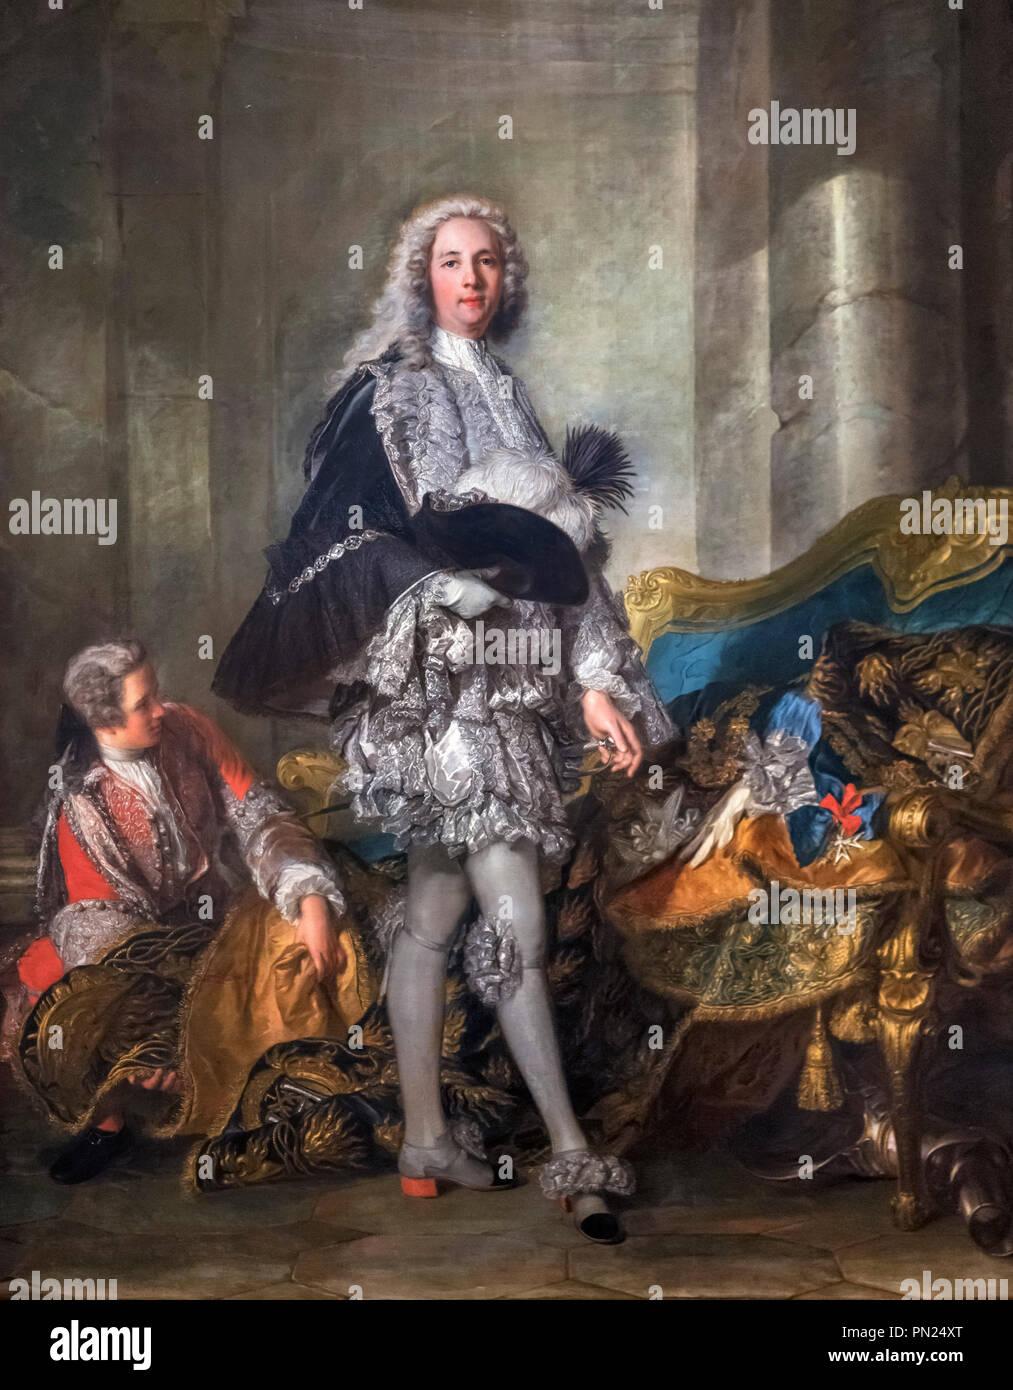 Portrait of Marshal of France (Marechal) Louis François Armand de Vignerot du Plessis, 3rd Duke of Richelieu (1696-1788) by Jean-Marc Nattier, oil on canvas, c.1732 - Stock Image